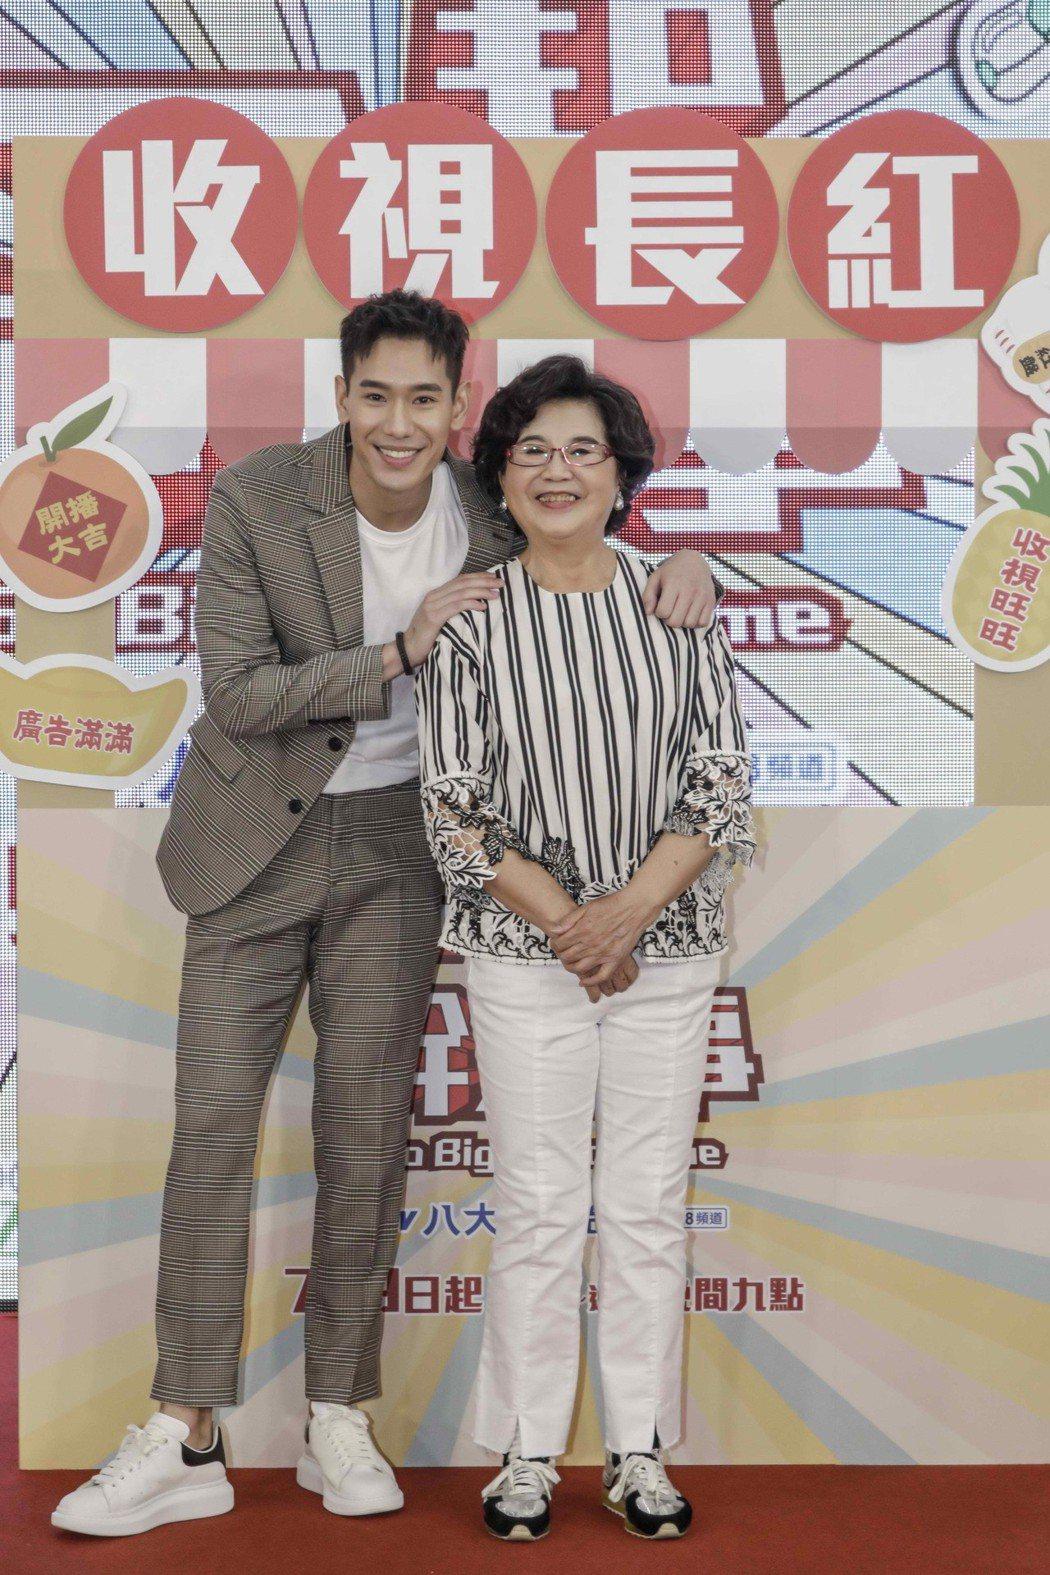 王滿嬌(右)、楊騰出席「一起幹大事」首映。圖/八大提供